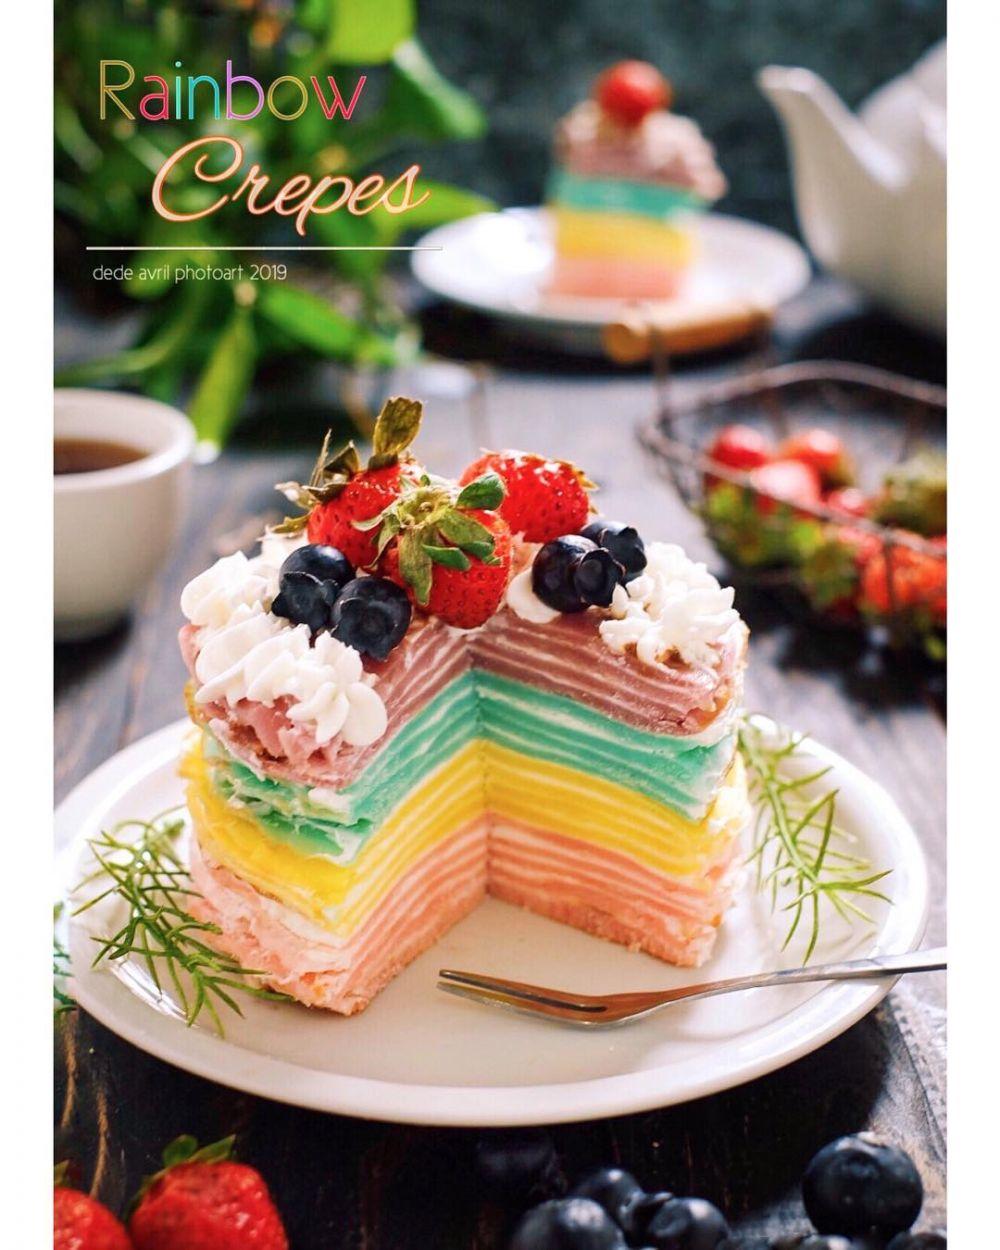 1114559 1000xauto 11 cara membuat crepes enak mudah dibuat dan anti gagal Resep Indonesia CaraBiasa.com